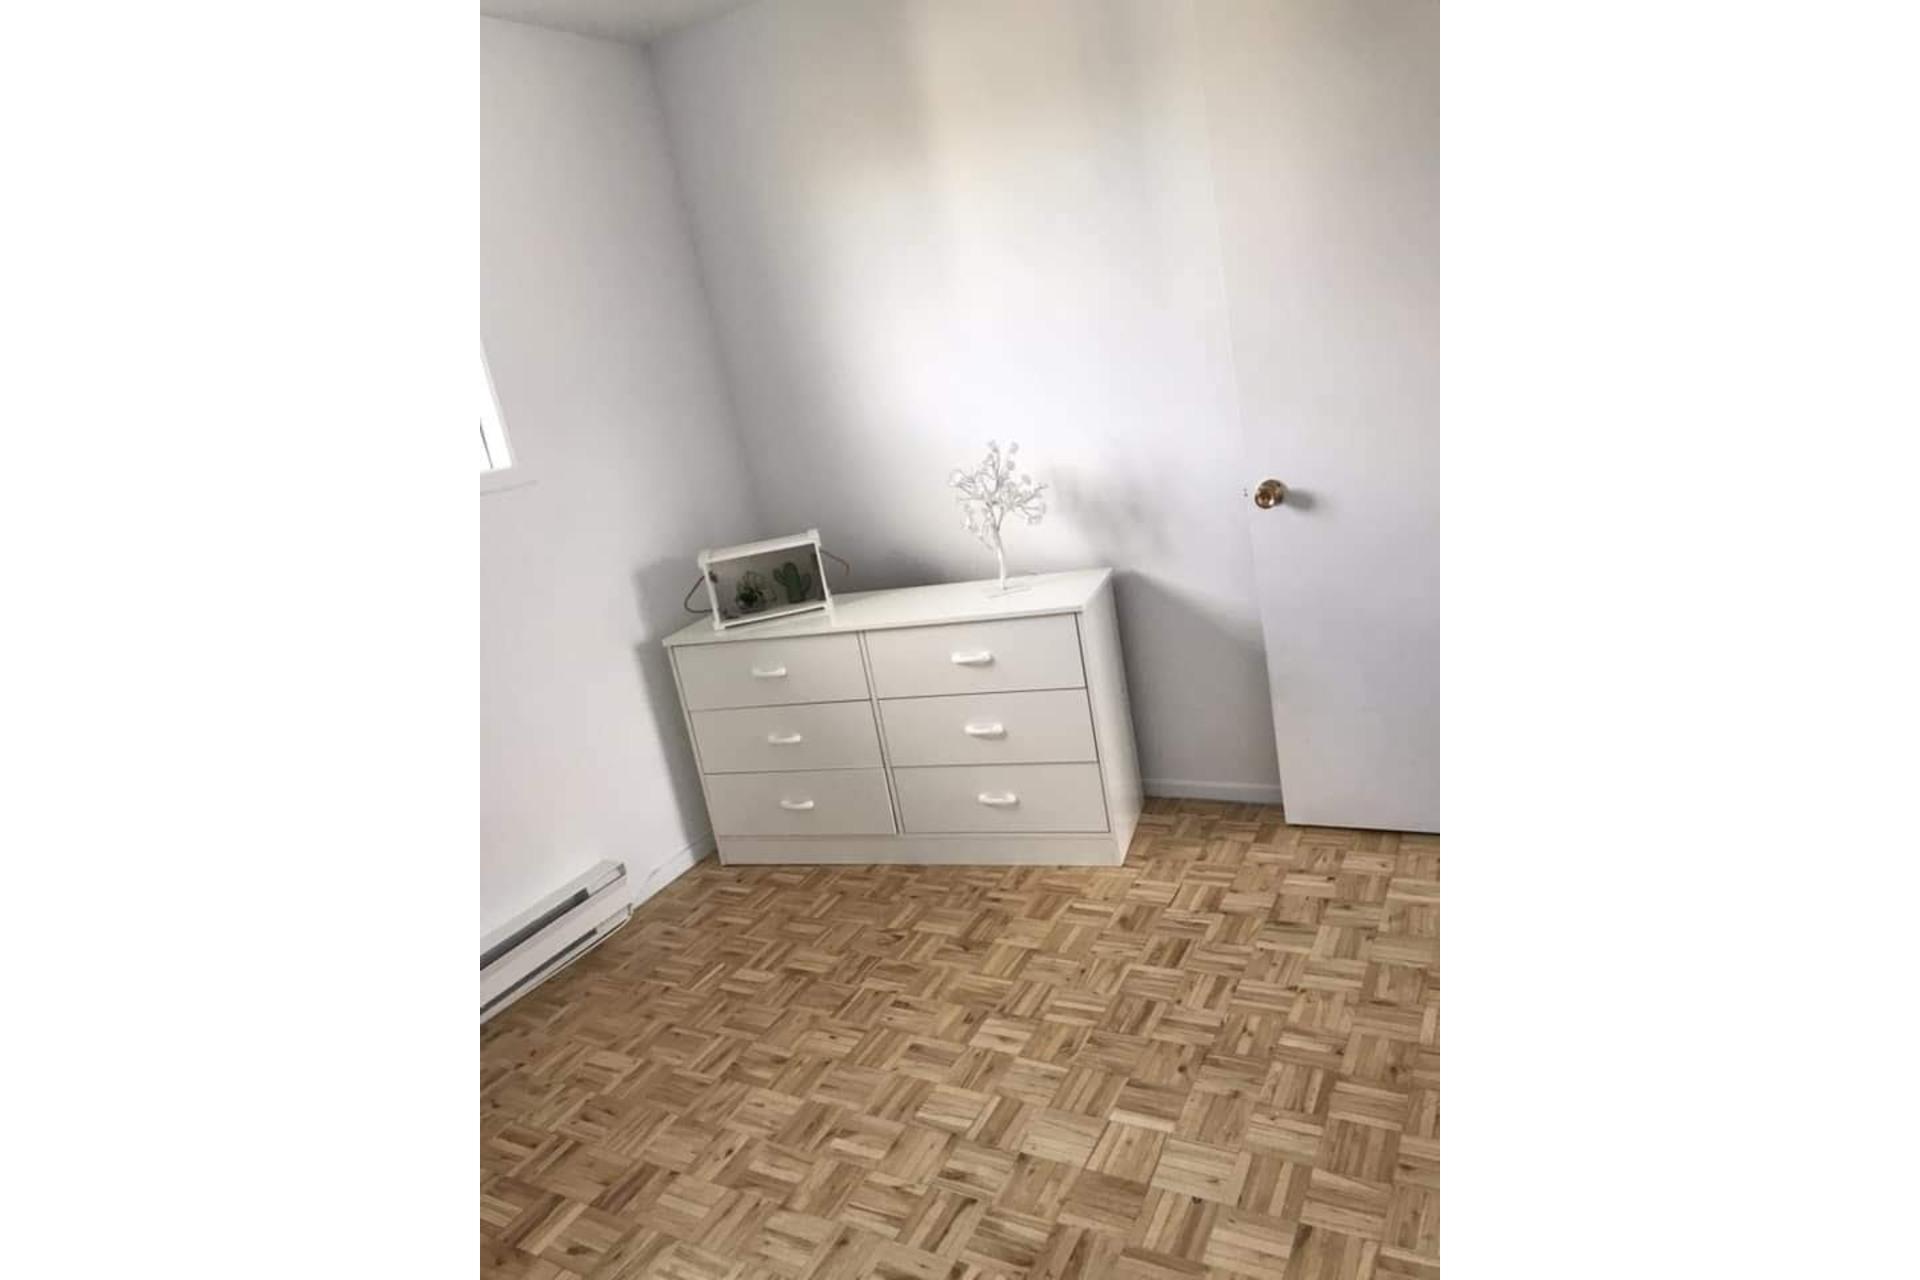 image 4 - Maison À louer Sorel-Tracy - 5 pièces